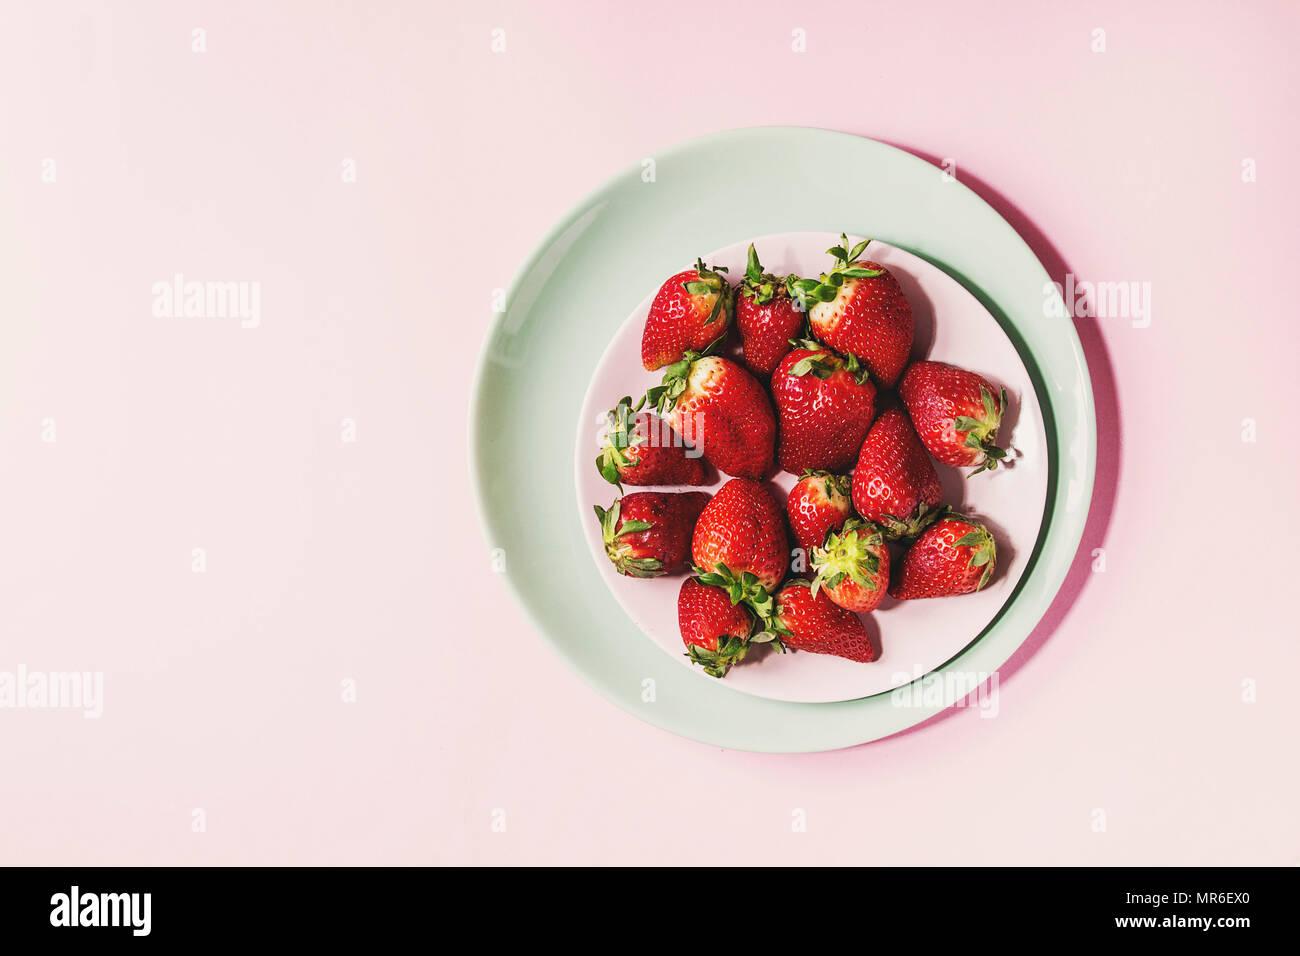 Frische Erdbeeren auf Türkis Platte über Rosa pastell Pin-up-Hintergrund. Kopieren Sie Platz. Ansicht von oben Stockbild